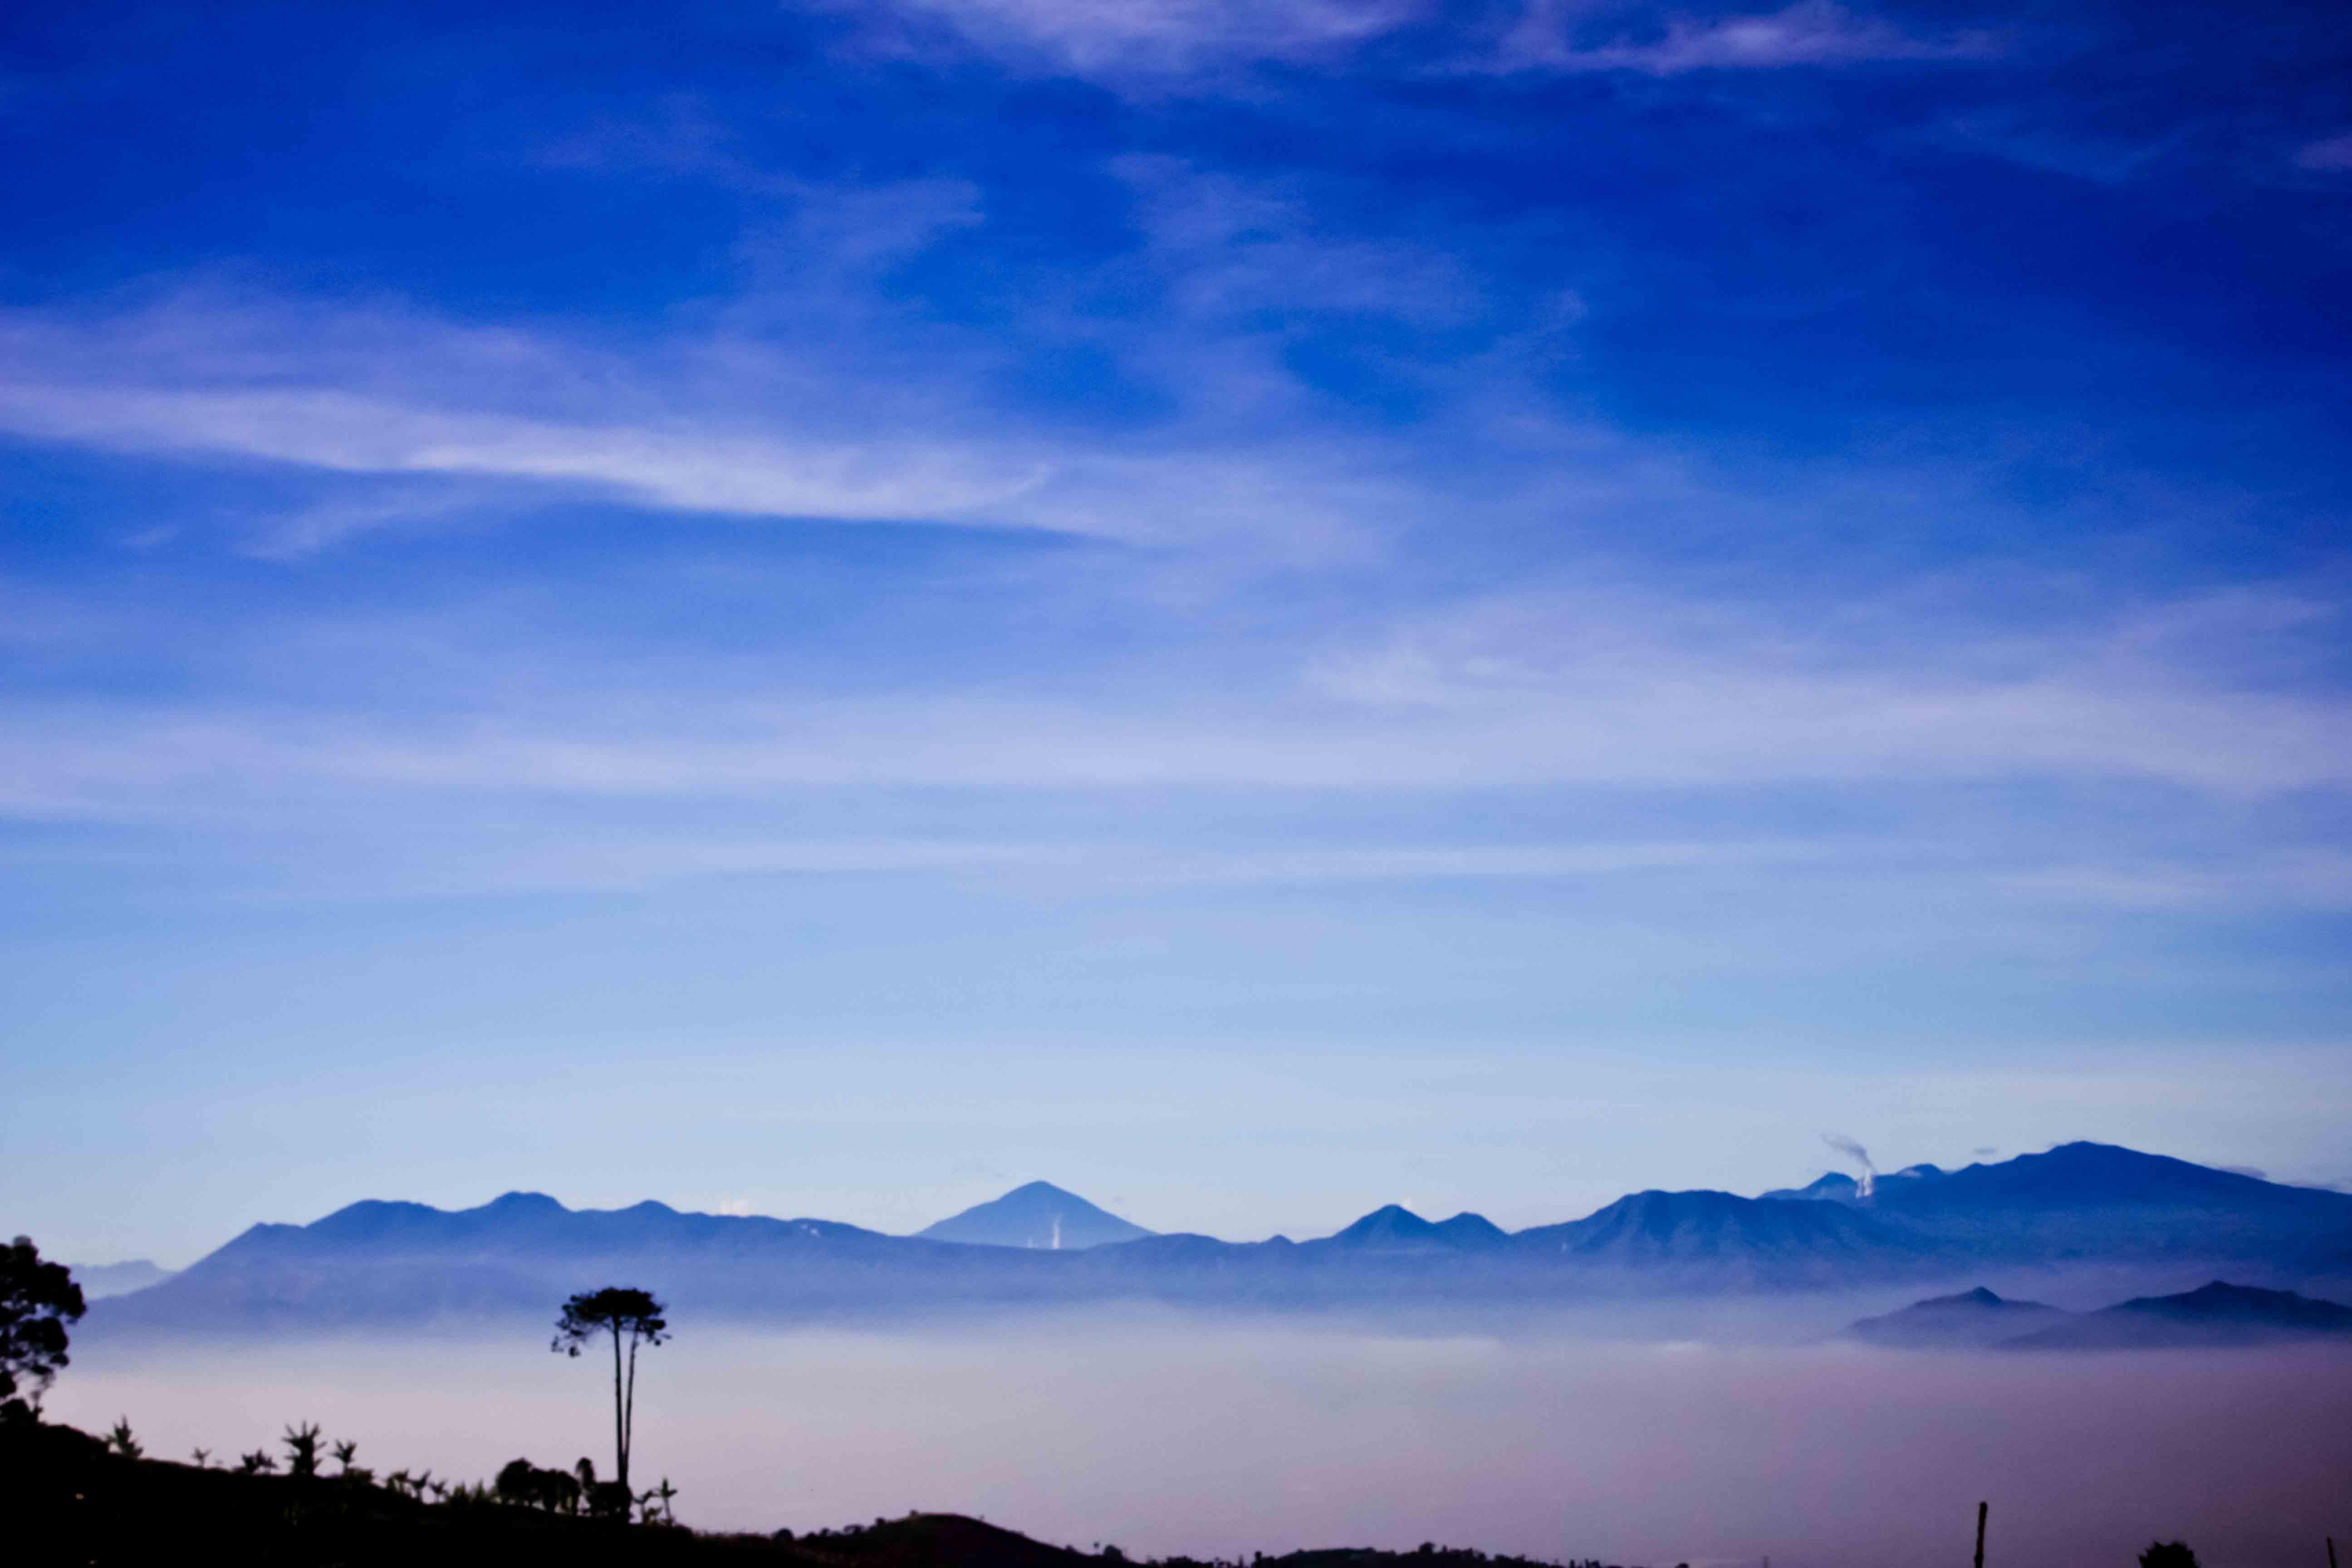 Daweung, Kampung di Atas Awan – TUKANG CERITA!